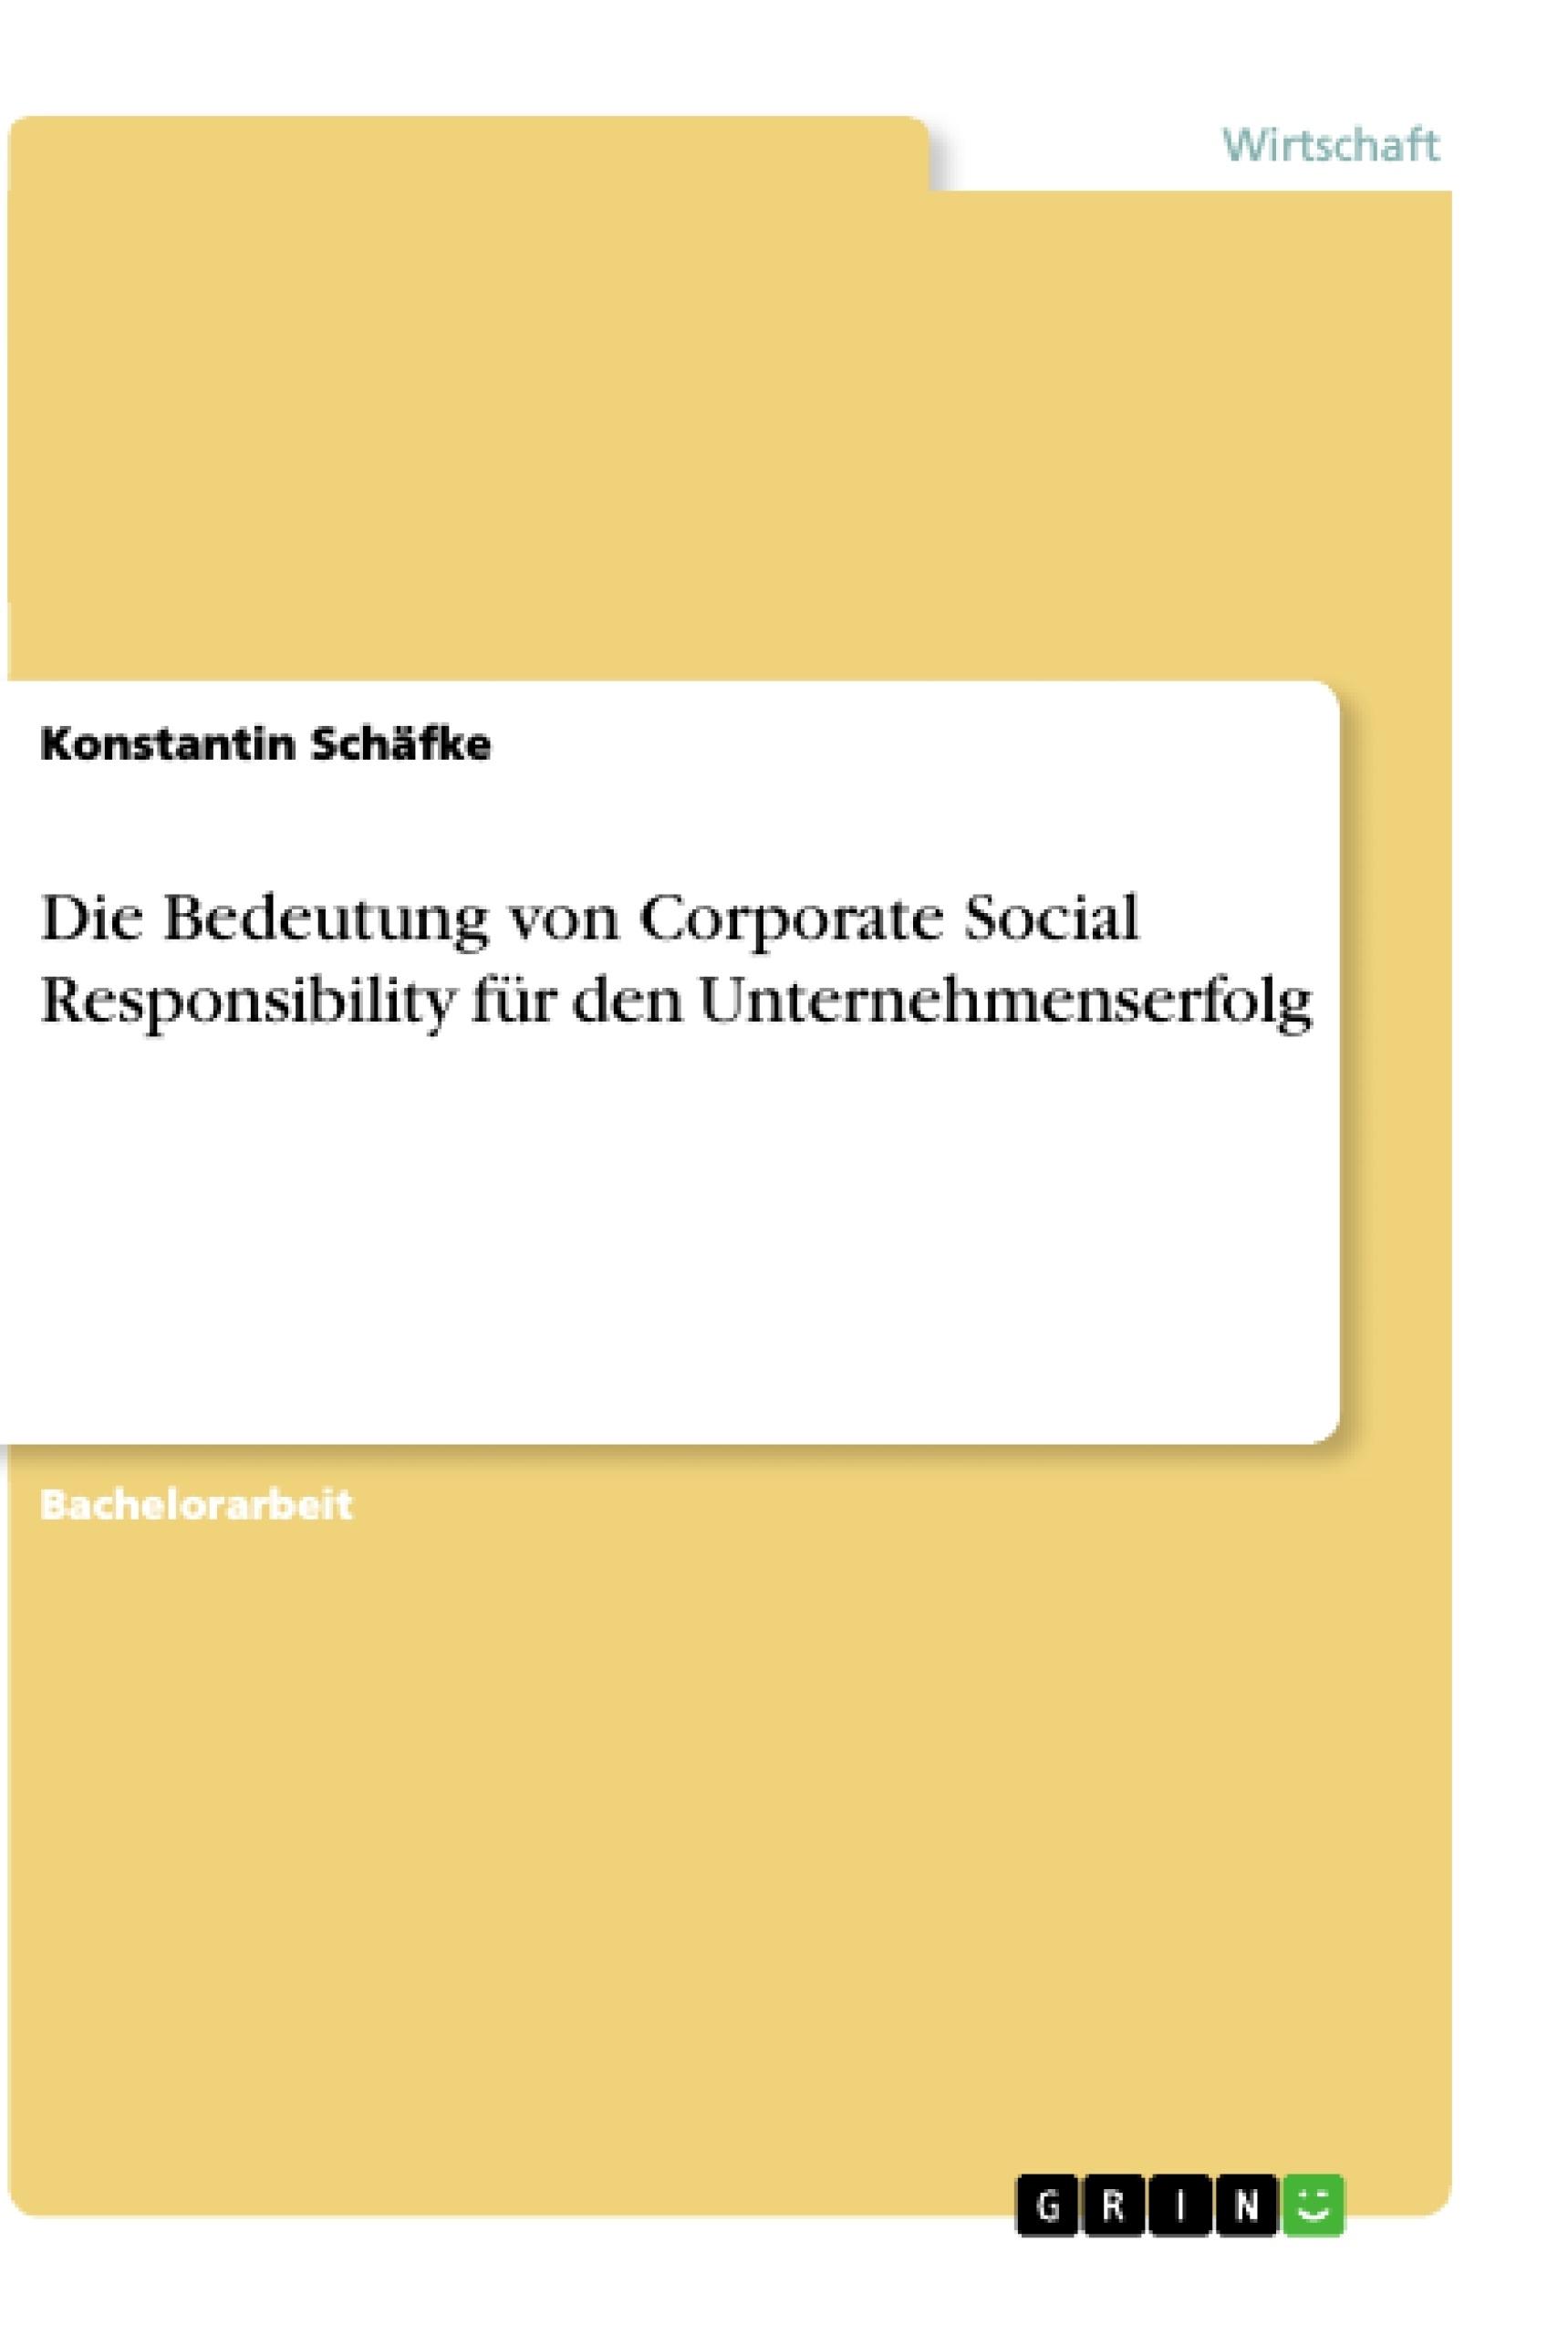 Titel: Die Bedeutung von Corporate Social Responsibility für den Unternehmenserfolg